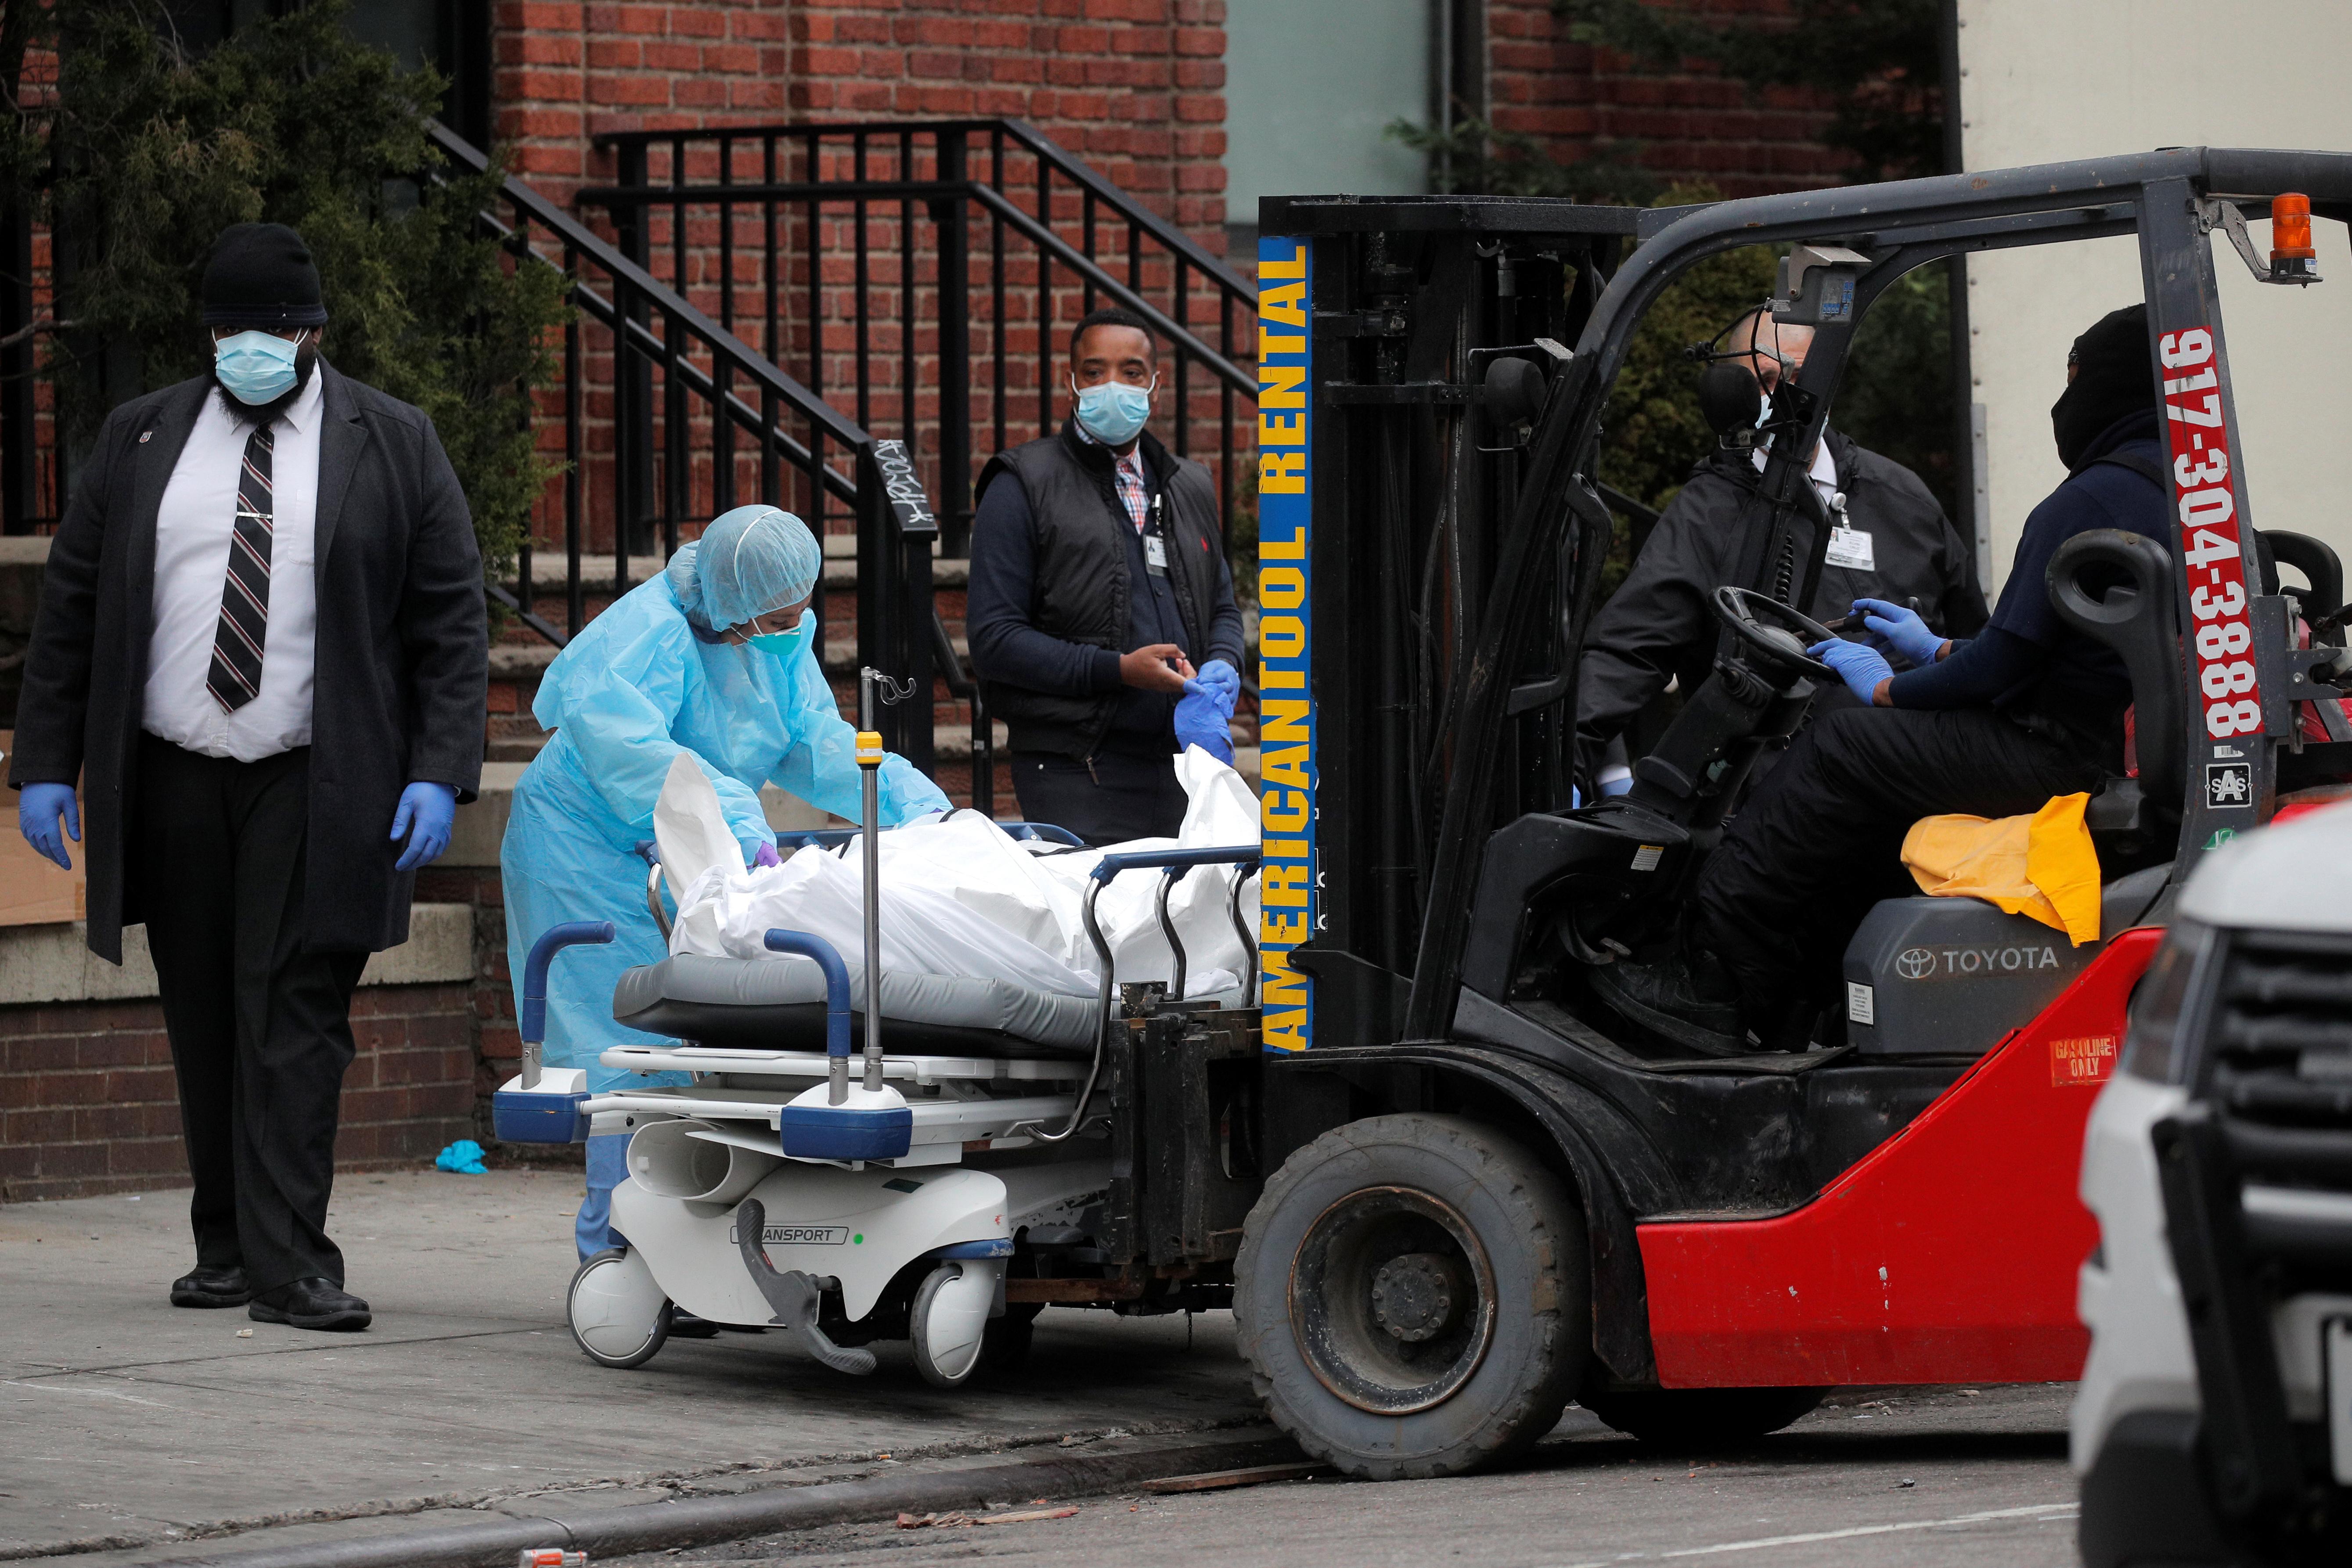 Un grupo de trabajadores se prepara para cargar a una persona fallecida en un remolque afuera del Centro Hospitalario de Brooklyn, Nueva York (REUTERS/Brendan Mcdermid)